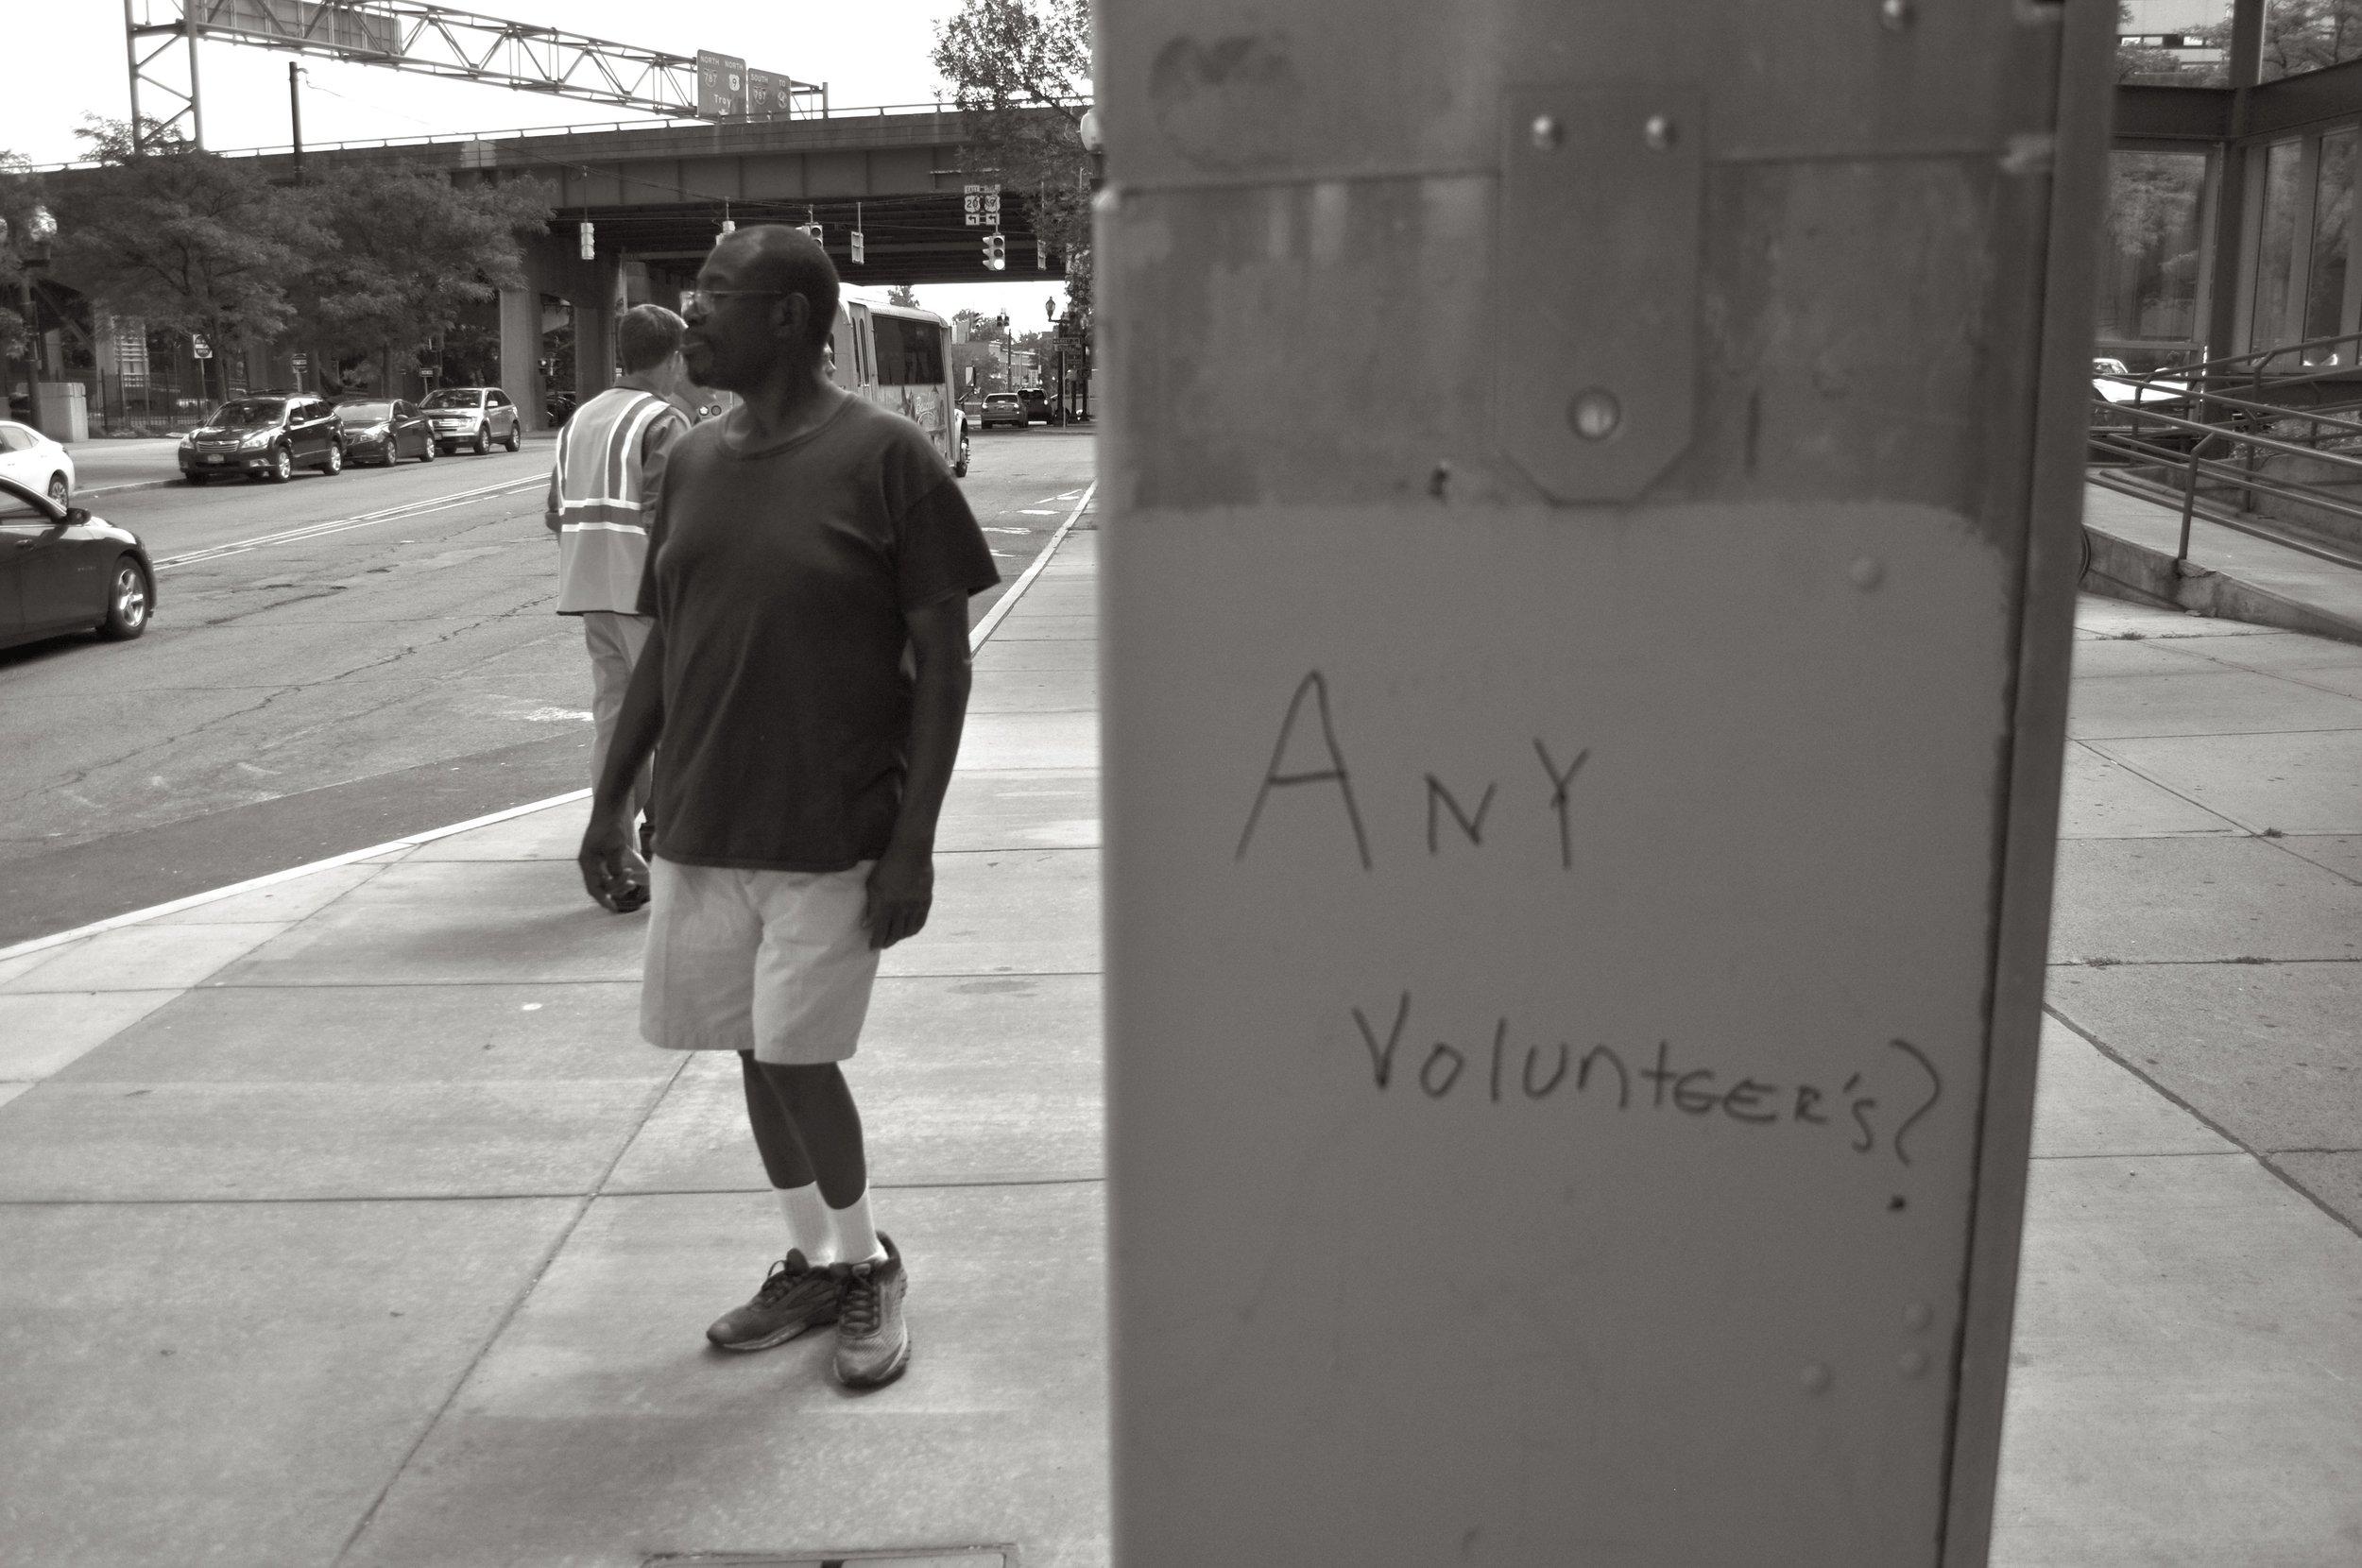 Any Volunteers T.JPG